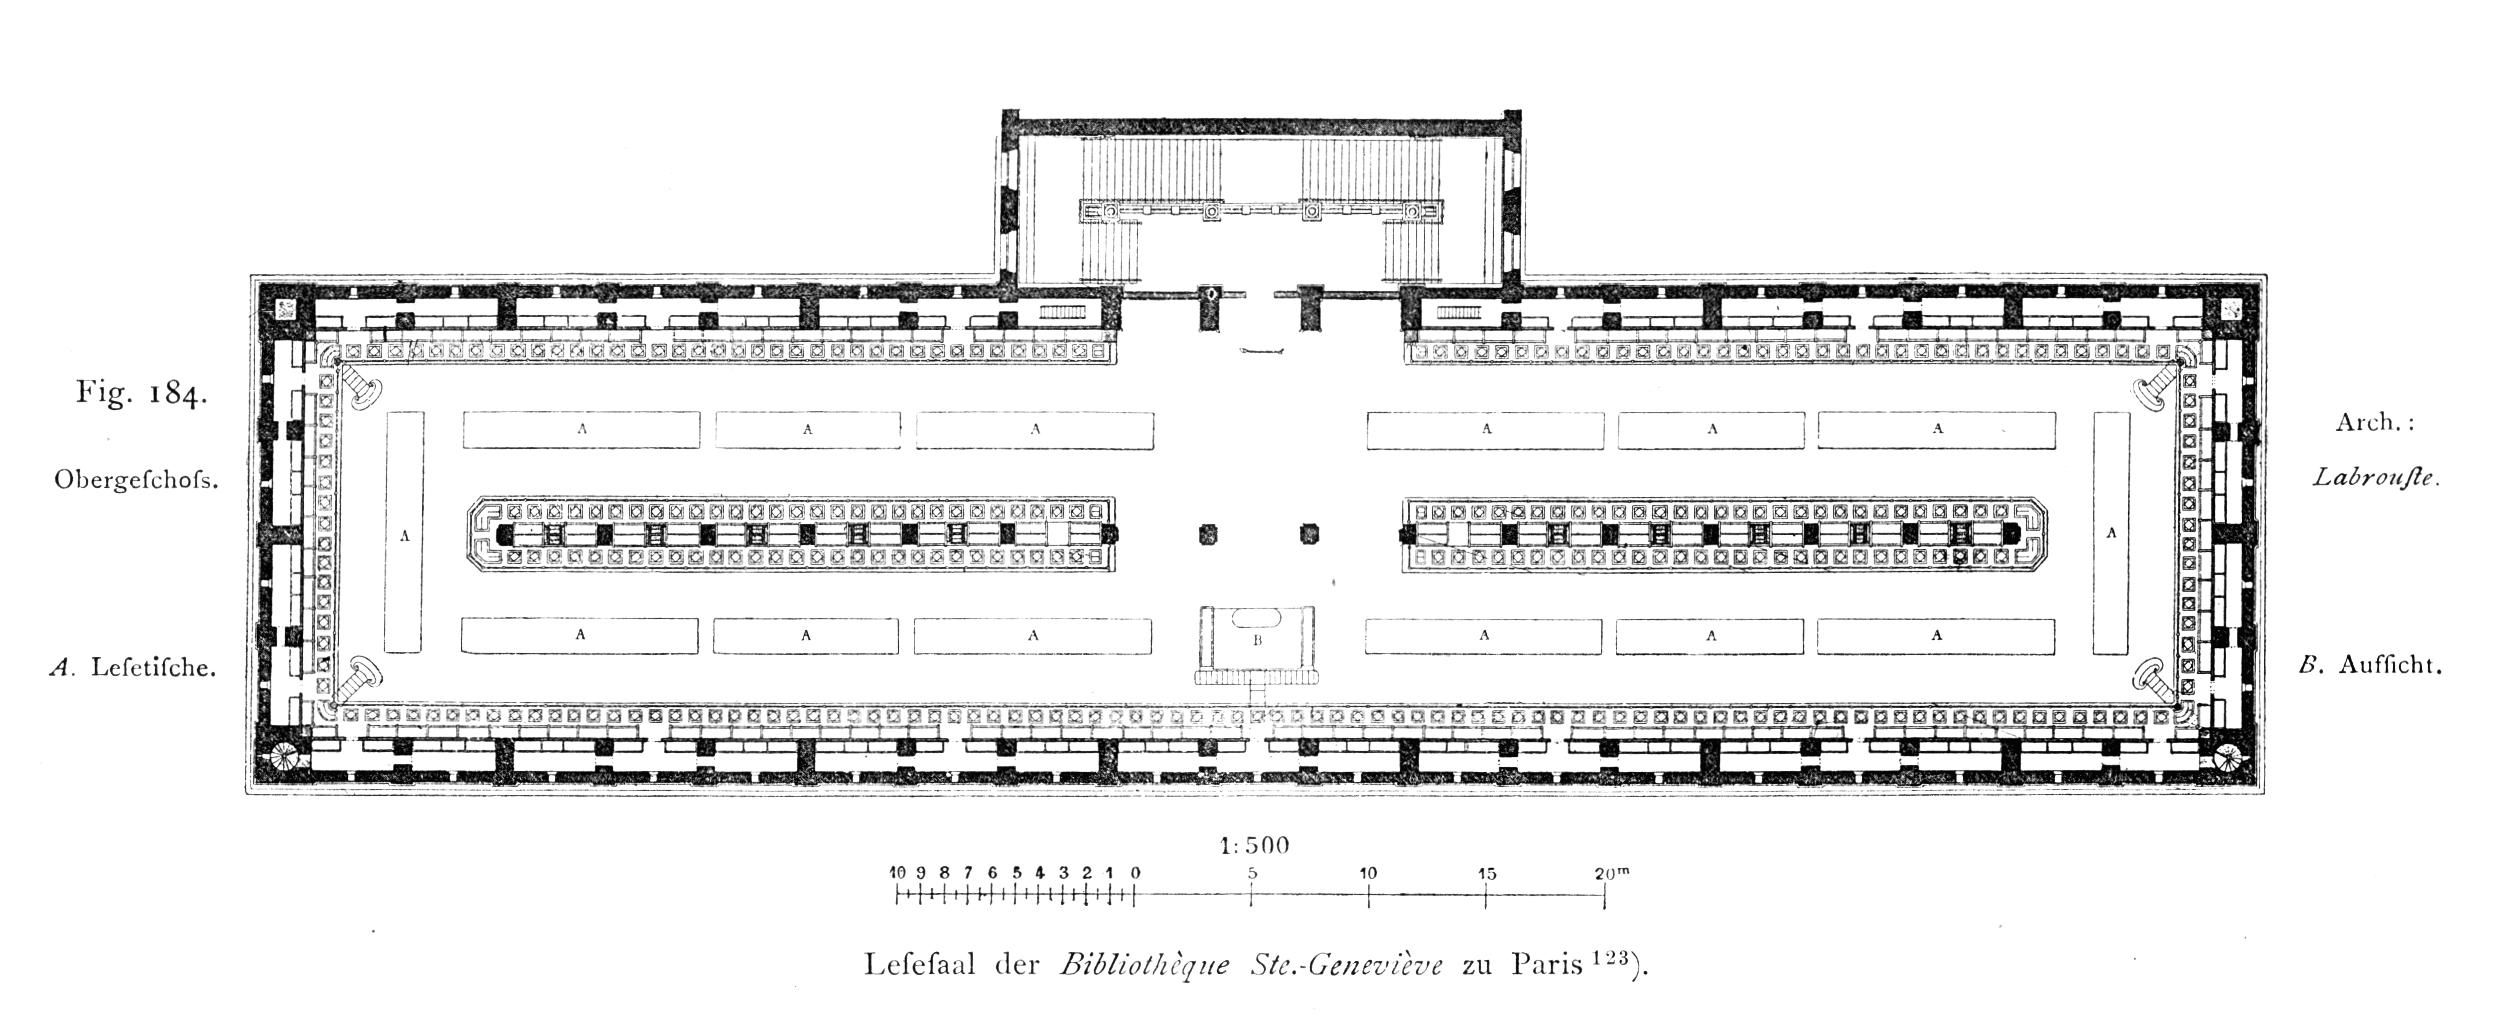 Bibliothèque_Sainte-Geneviève_floor_plan